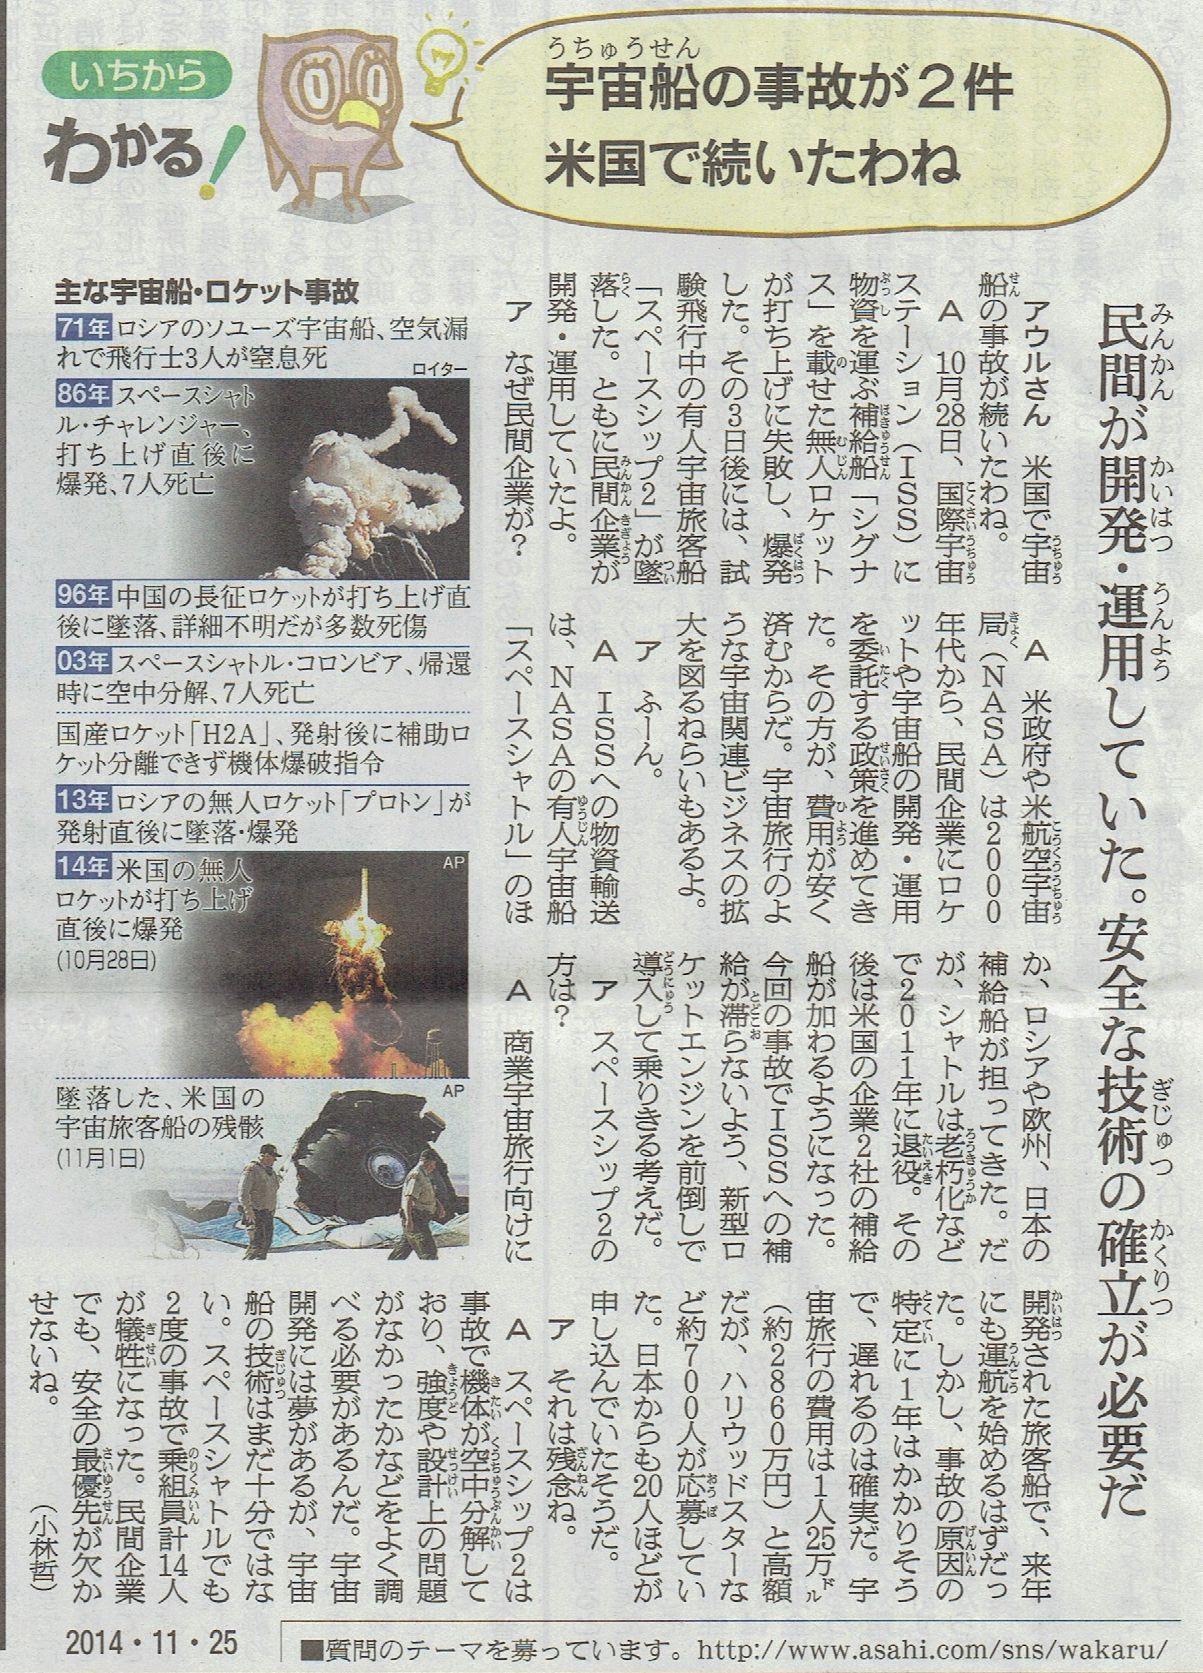 2014年11月25日 沖縄県立工業高等学校関東地区同窓会ウォーキング その9_d0249595_7264724.jpg